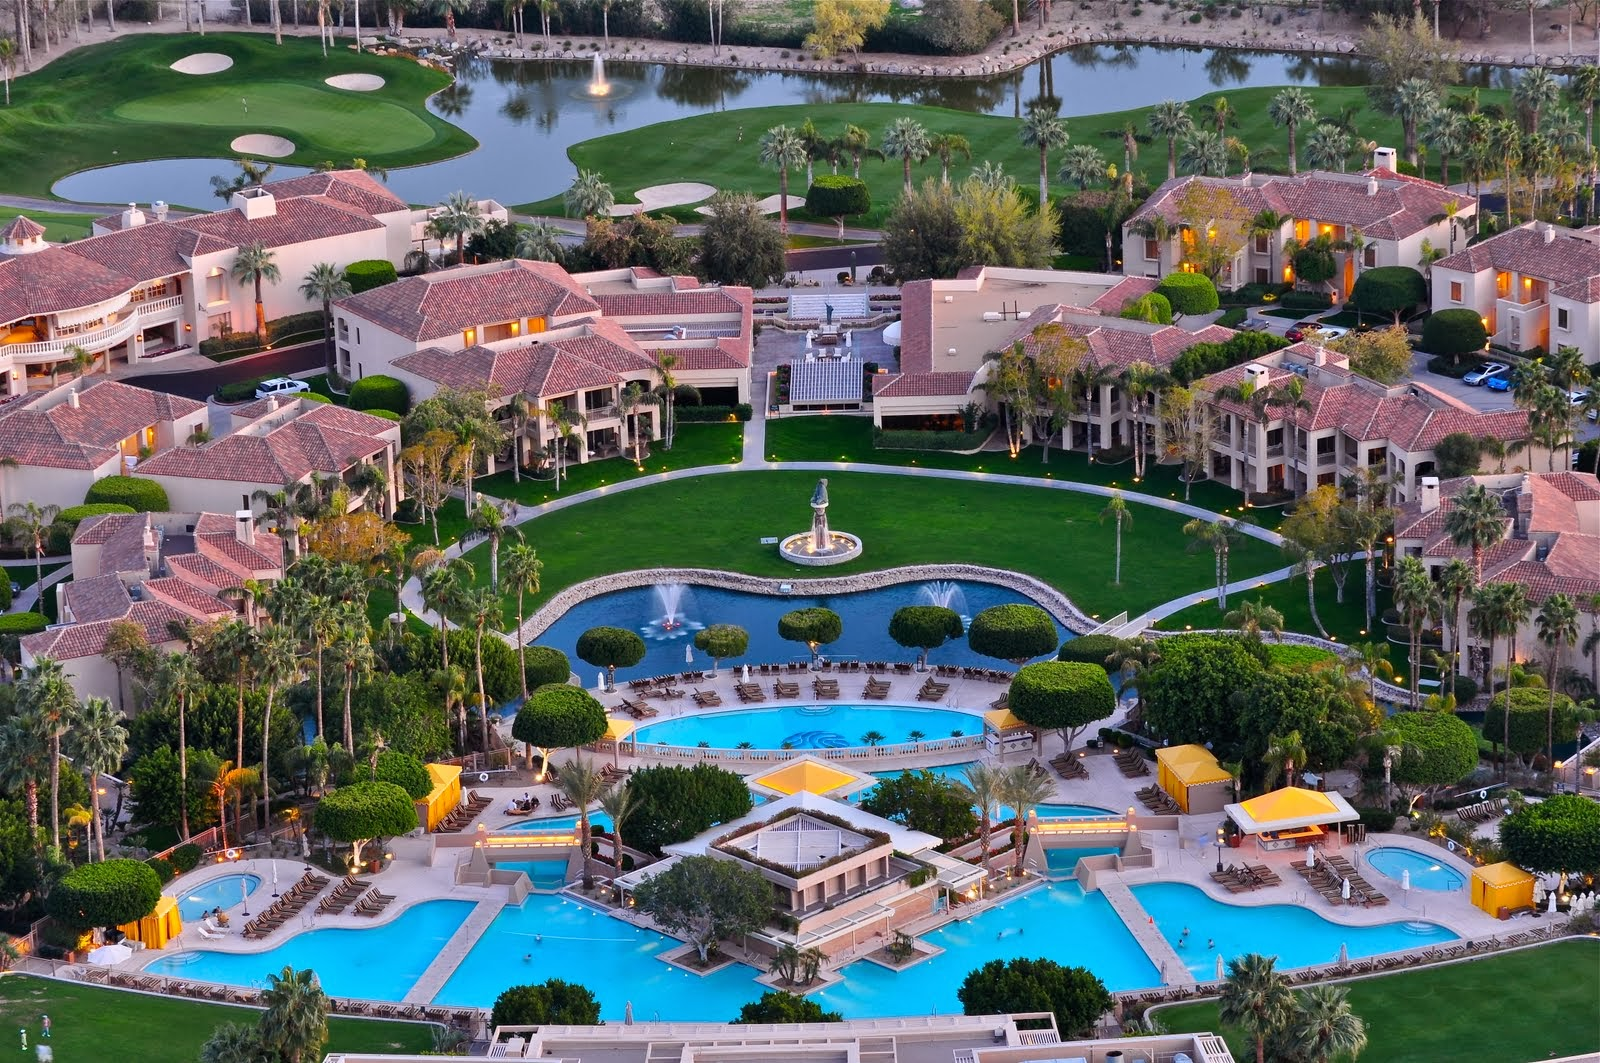 Luxury Hotels The Phoenician Scottsdale